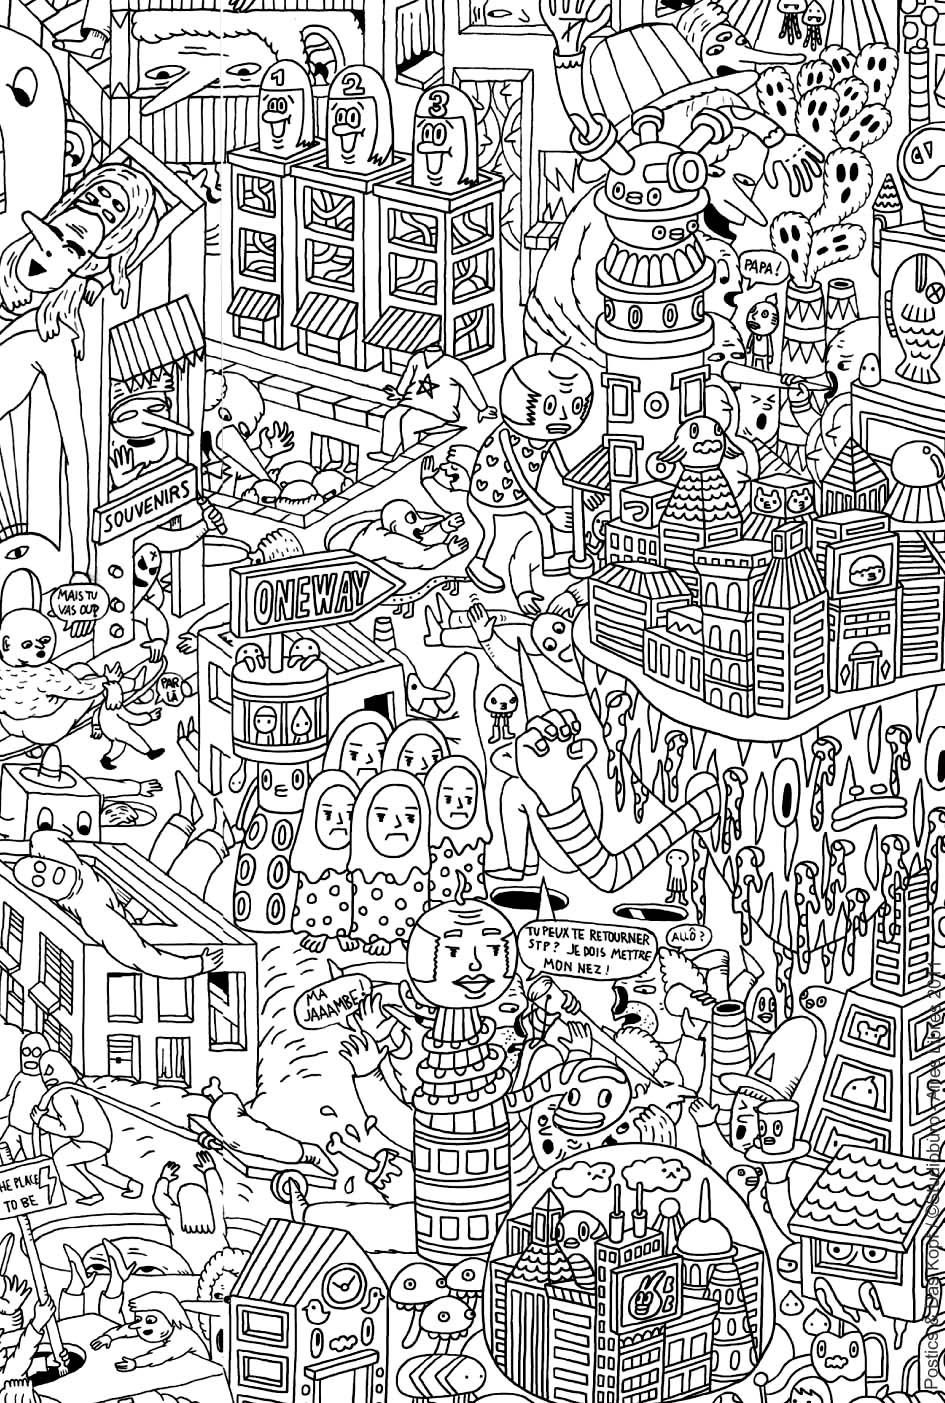 Colorear para adultos : Doodle art / Doodling - 9